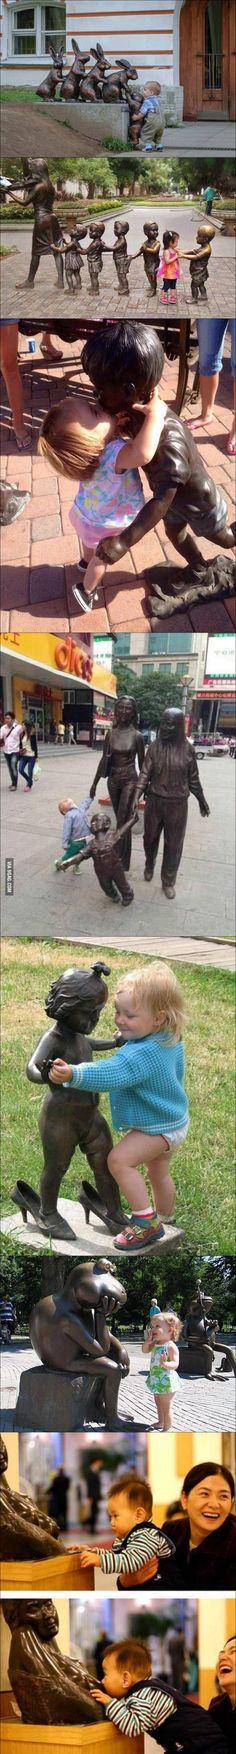 Charming Innocence! - Kids being cute!